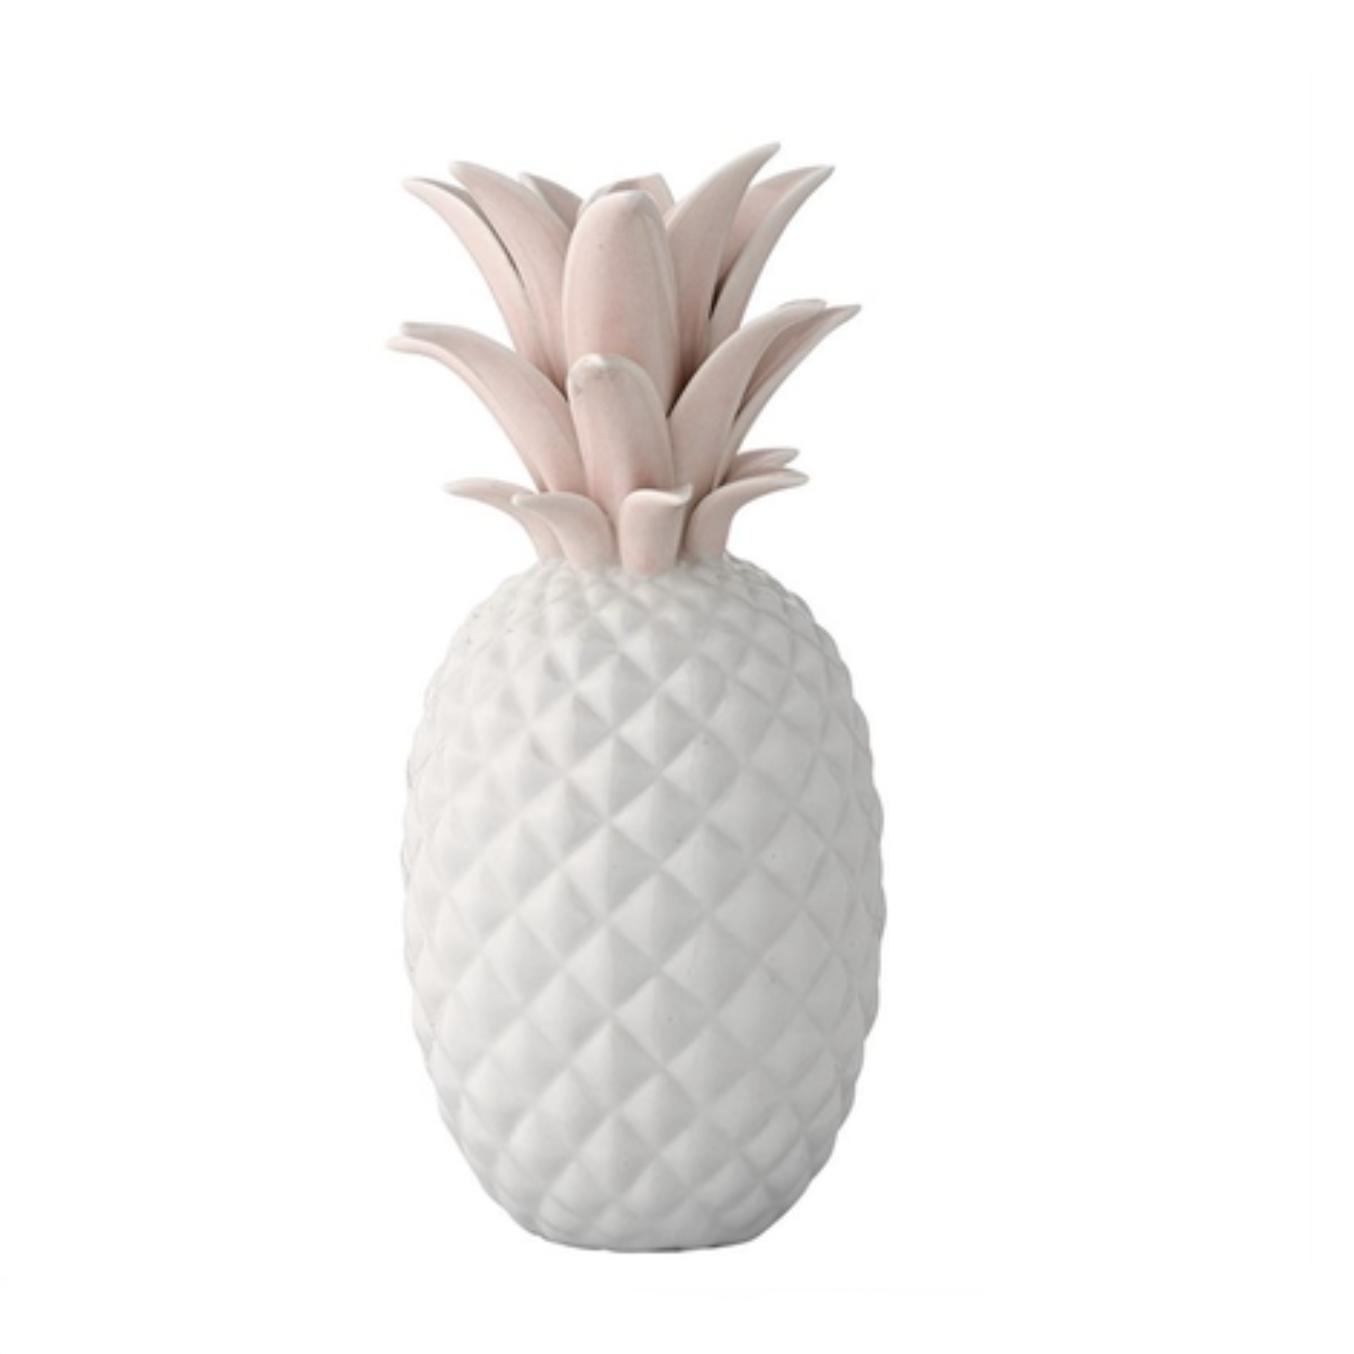 Ceramic Pineapple, $29